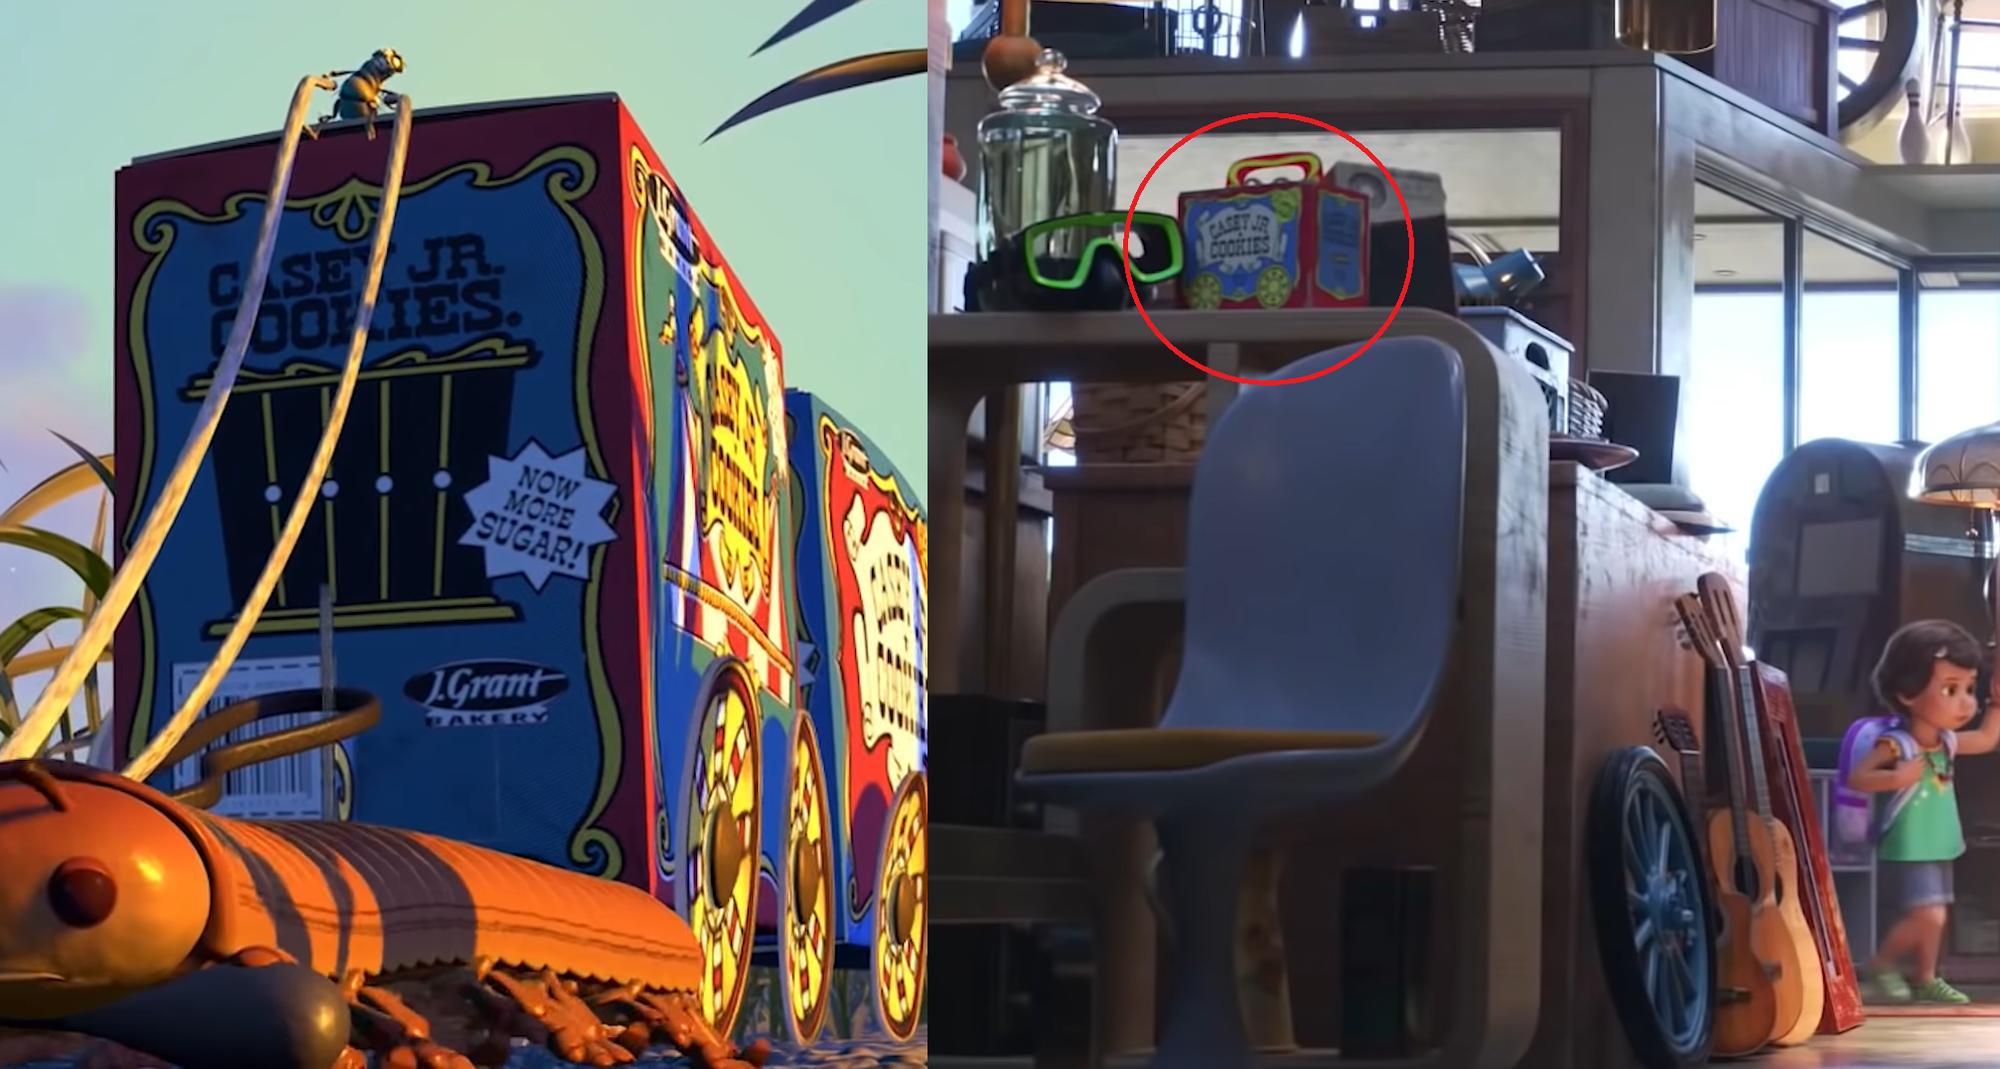 40 bí mật thú vị được giấu kĩ trong Toy Story 4 chỉ ai tinh mắt lắm mới thấy - Ảnh 12.